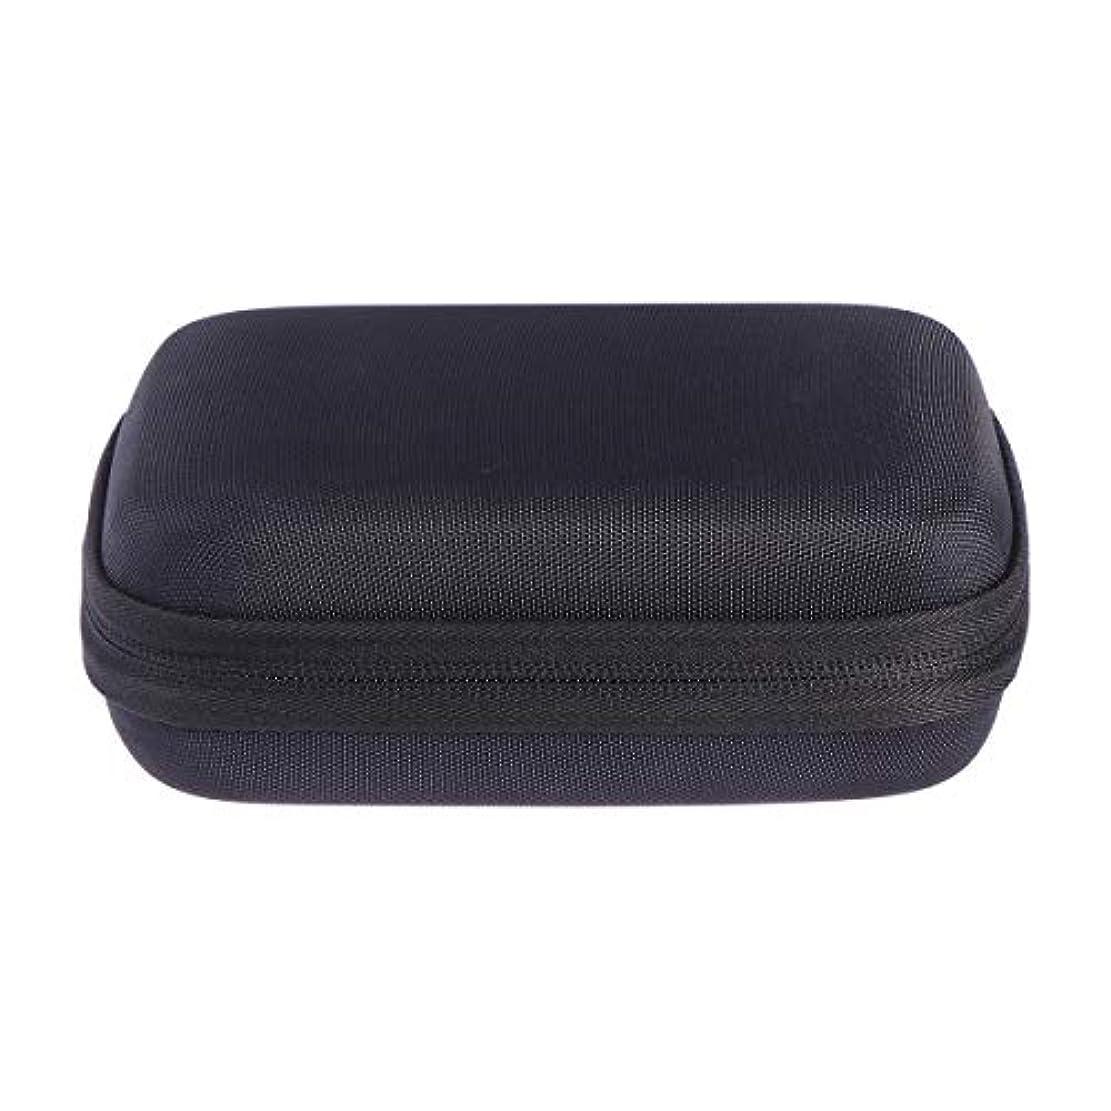 口くつろぎ不道徳SUPVOX エッセンシャルオイルバッグキャリングケースオーガナイザーローラーボトル収納袋10スロットハードシェルオイルケースホルダー(ブラック)